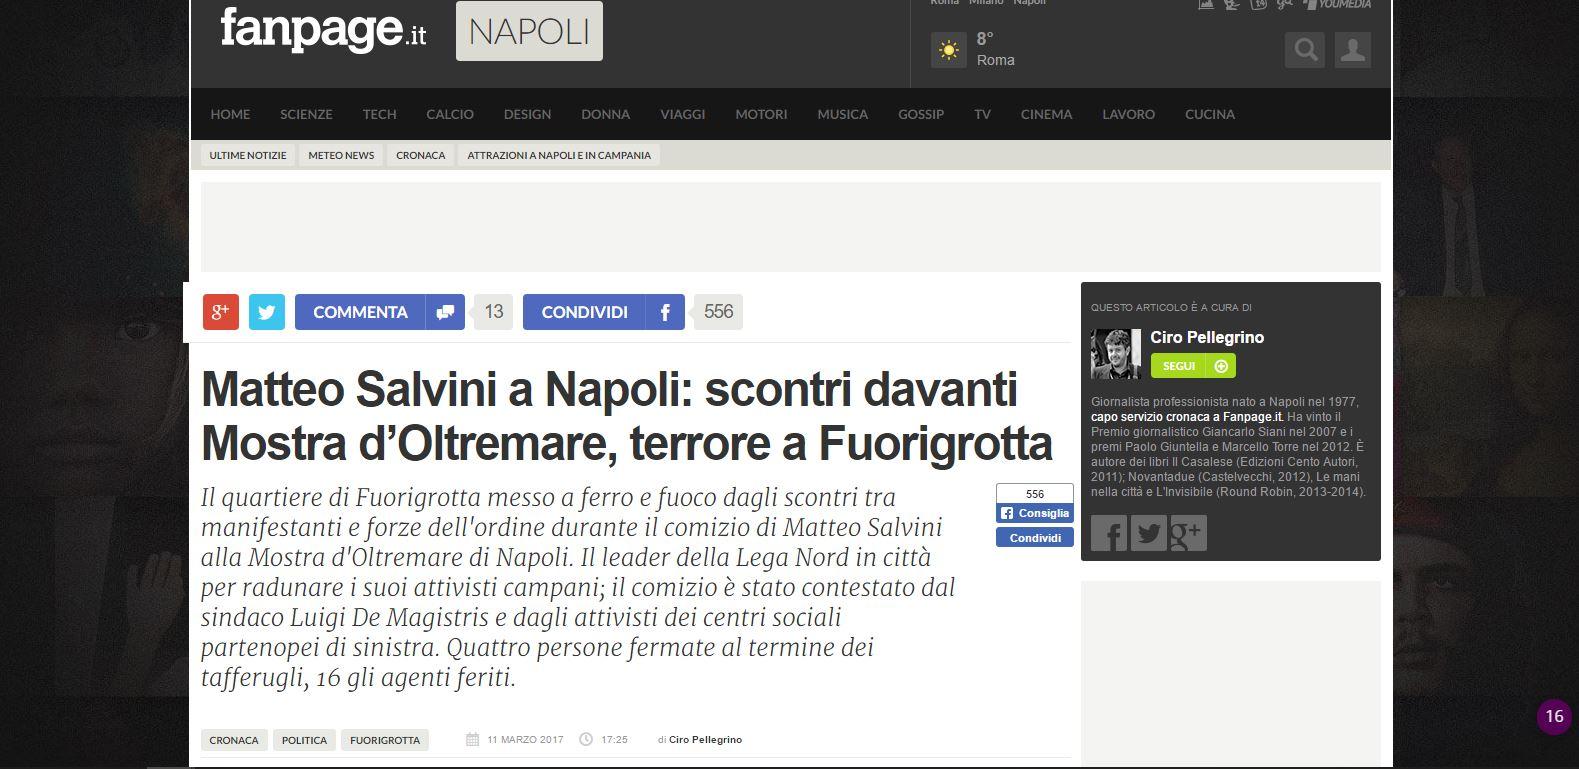 Scontri Napoli Salvini Fanpage